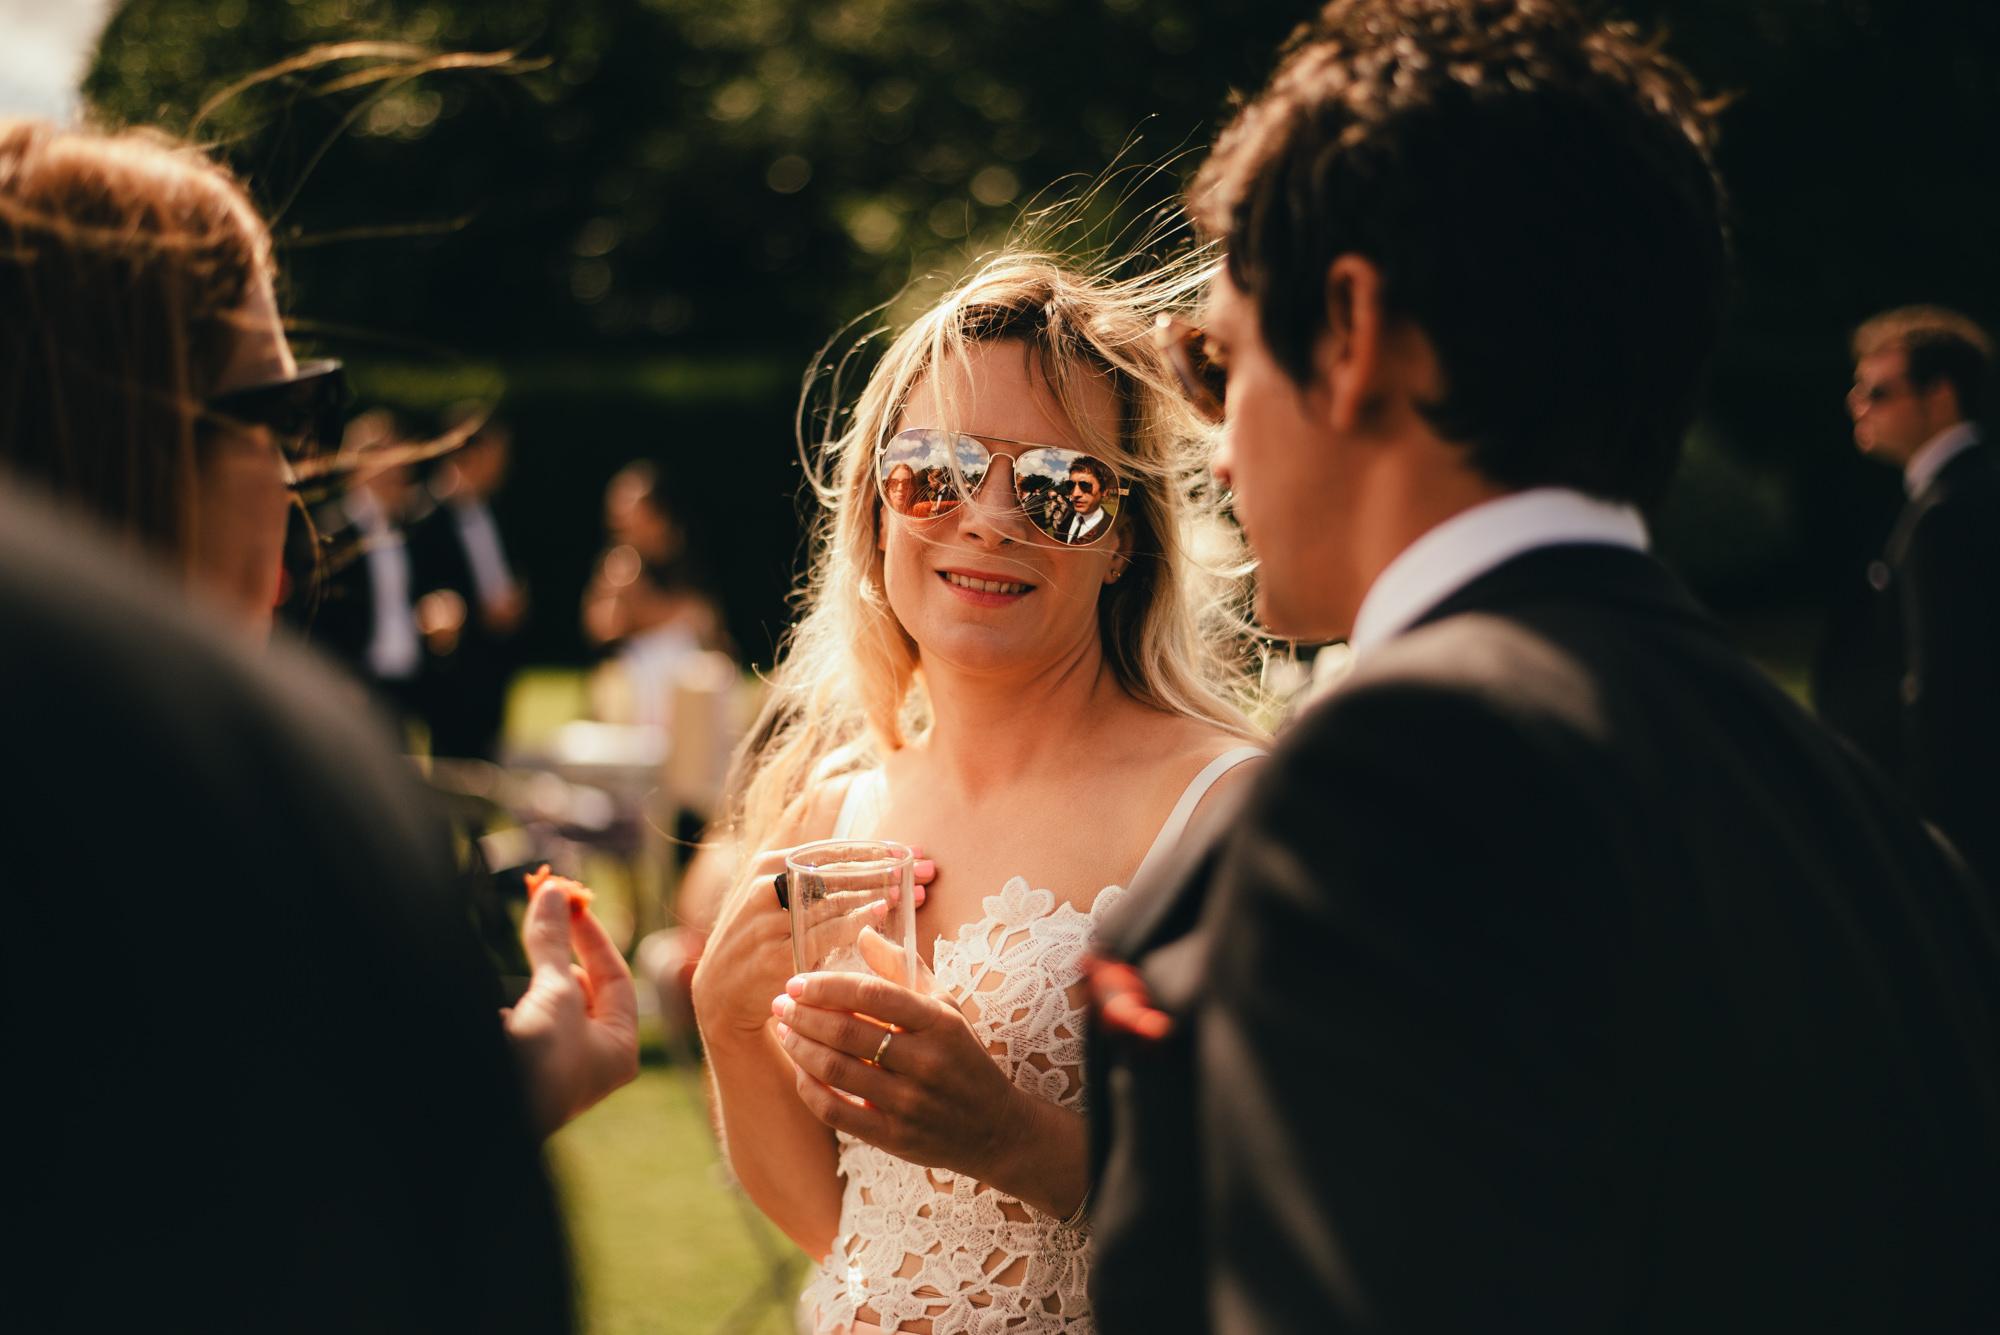 Brinsop Court Wedding Photography48